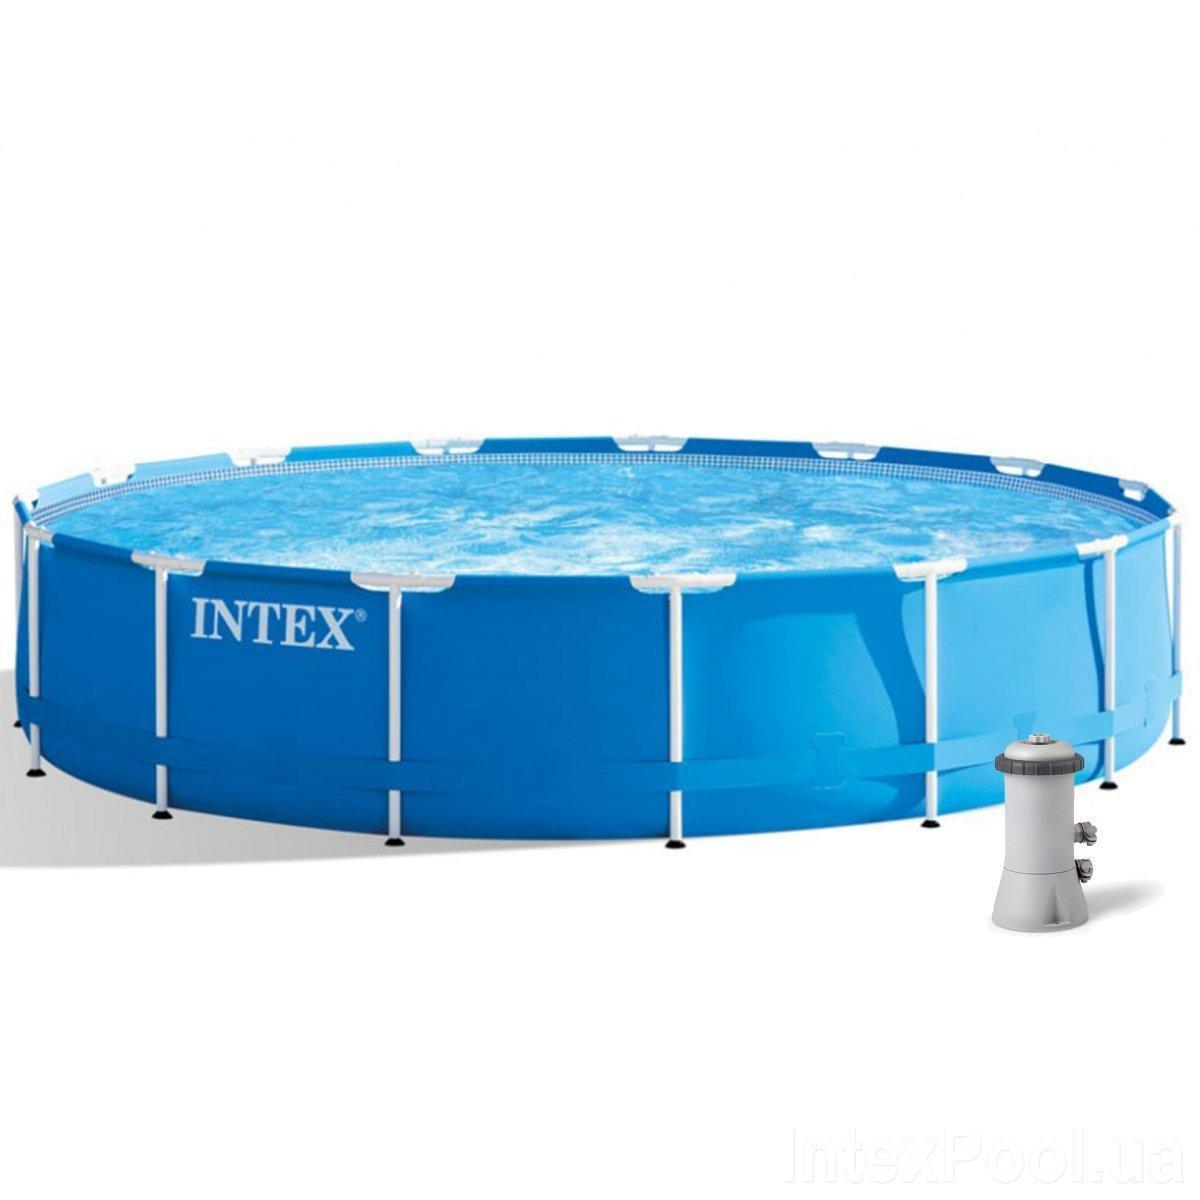 Каркасный бассейн Intex 28240, 457 х 84 см (2 006 л/ч, лестница, тент, подстилка)